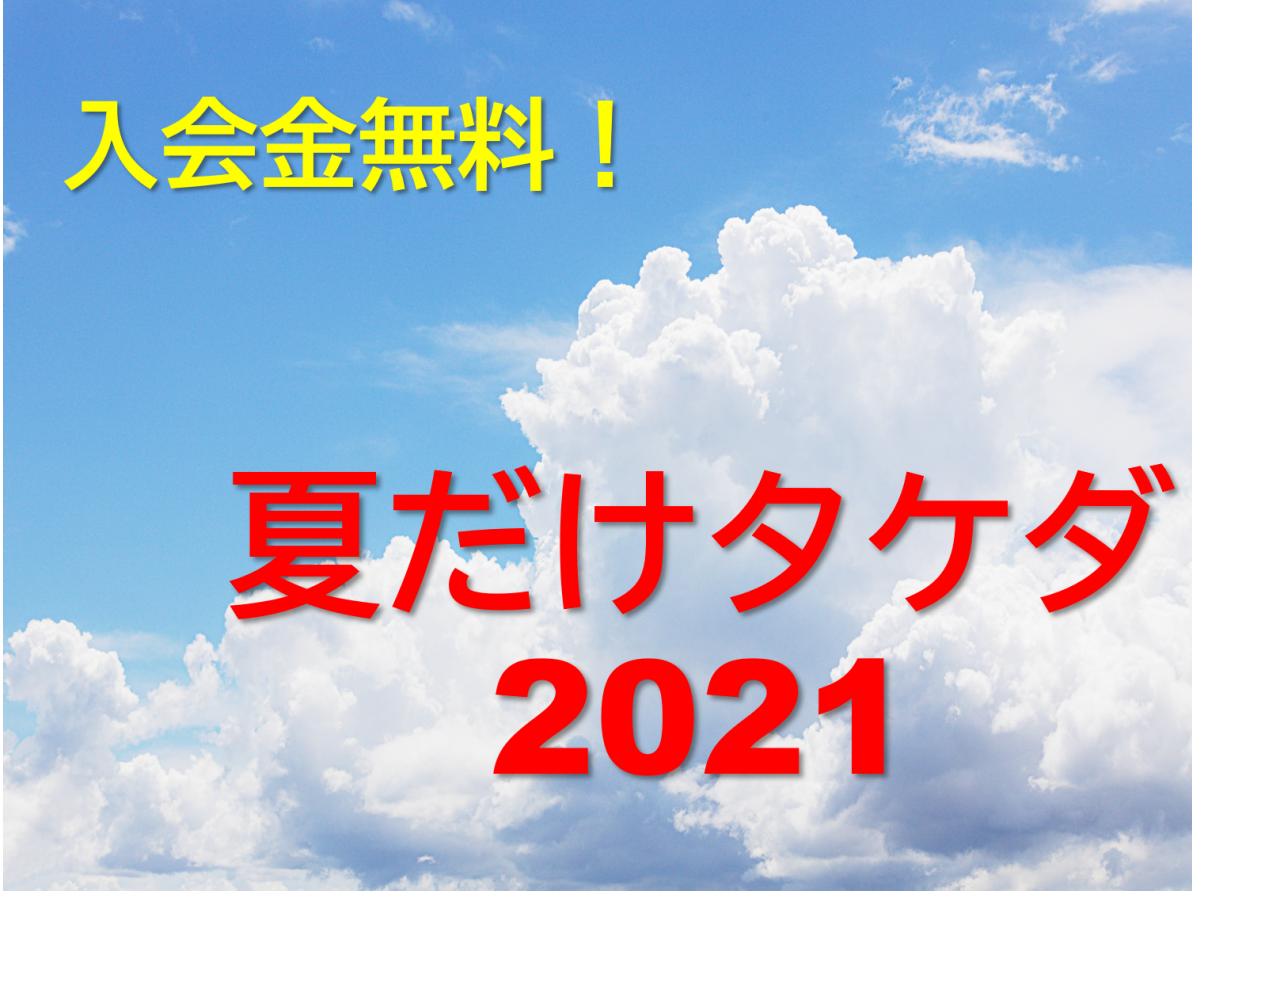 入会金無料! 夏だけタケダ2021